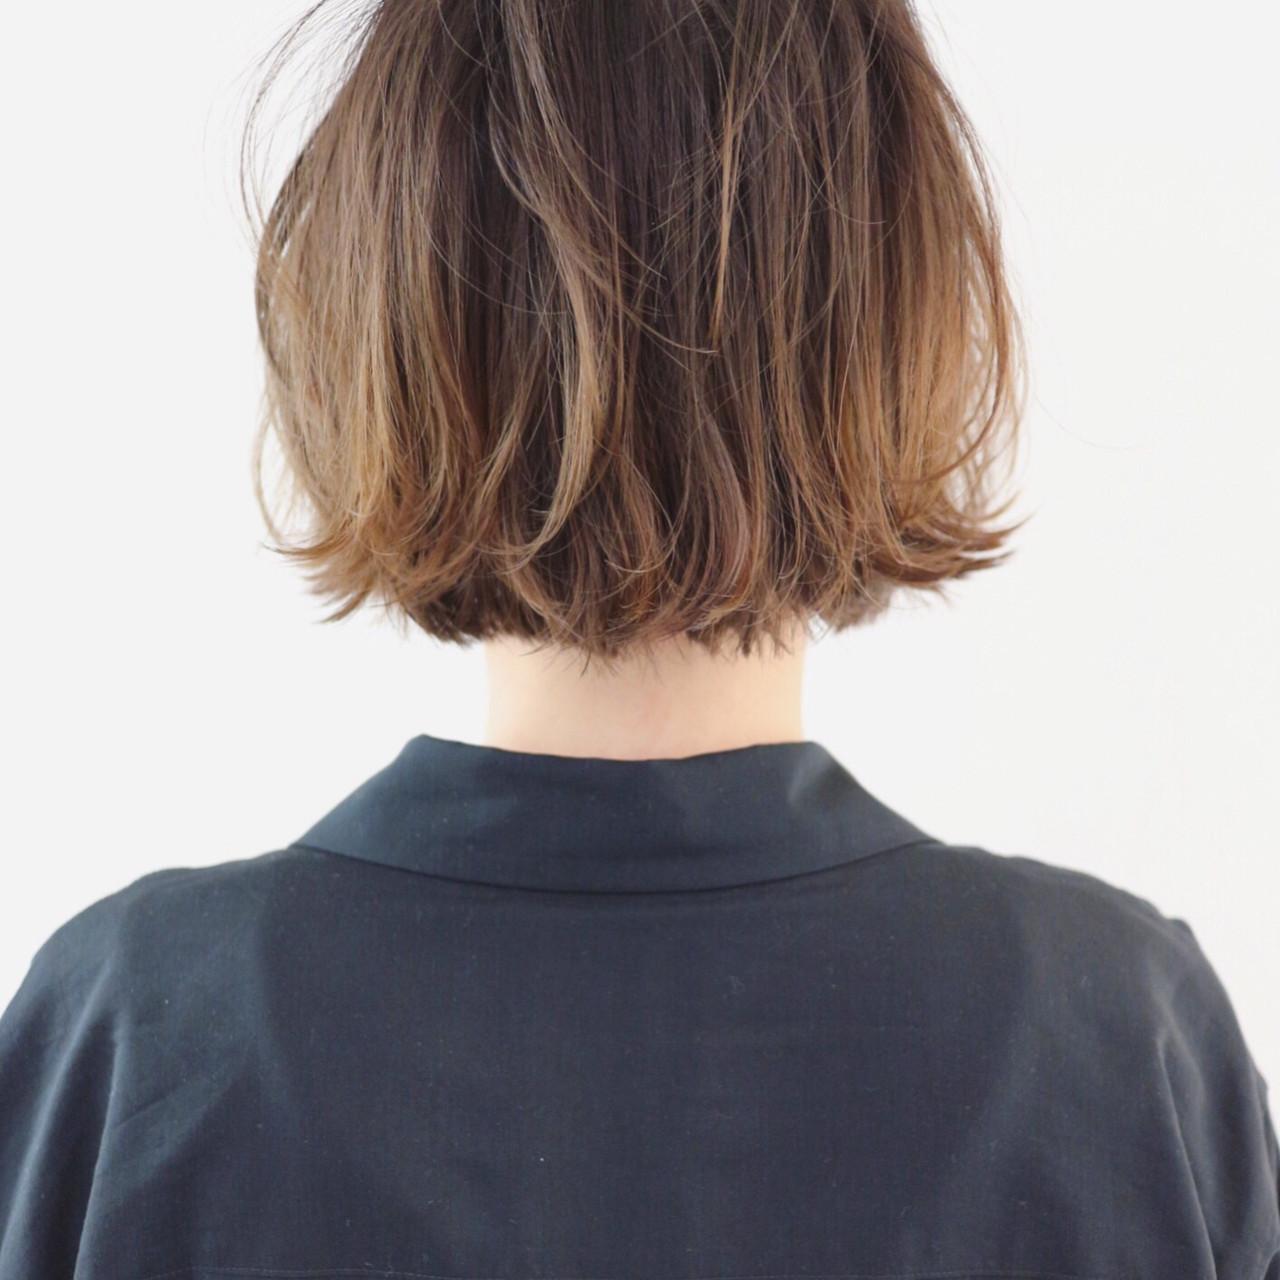 ストリート ミニボブ バレイヤージュ グラデーションカラー ヘアスタイルや髪型の写真・画像 | 三好 佳奈美 / Baco.(バコ)